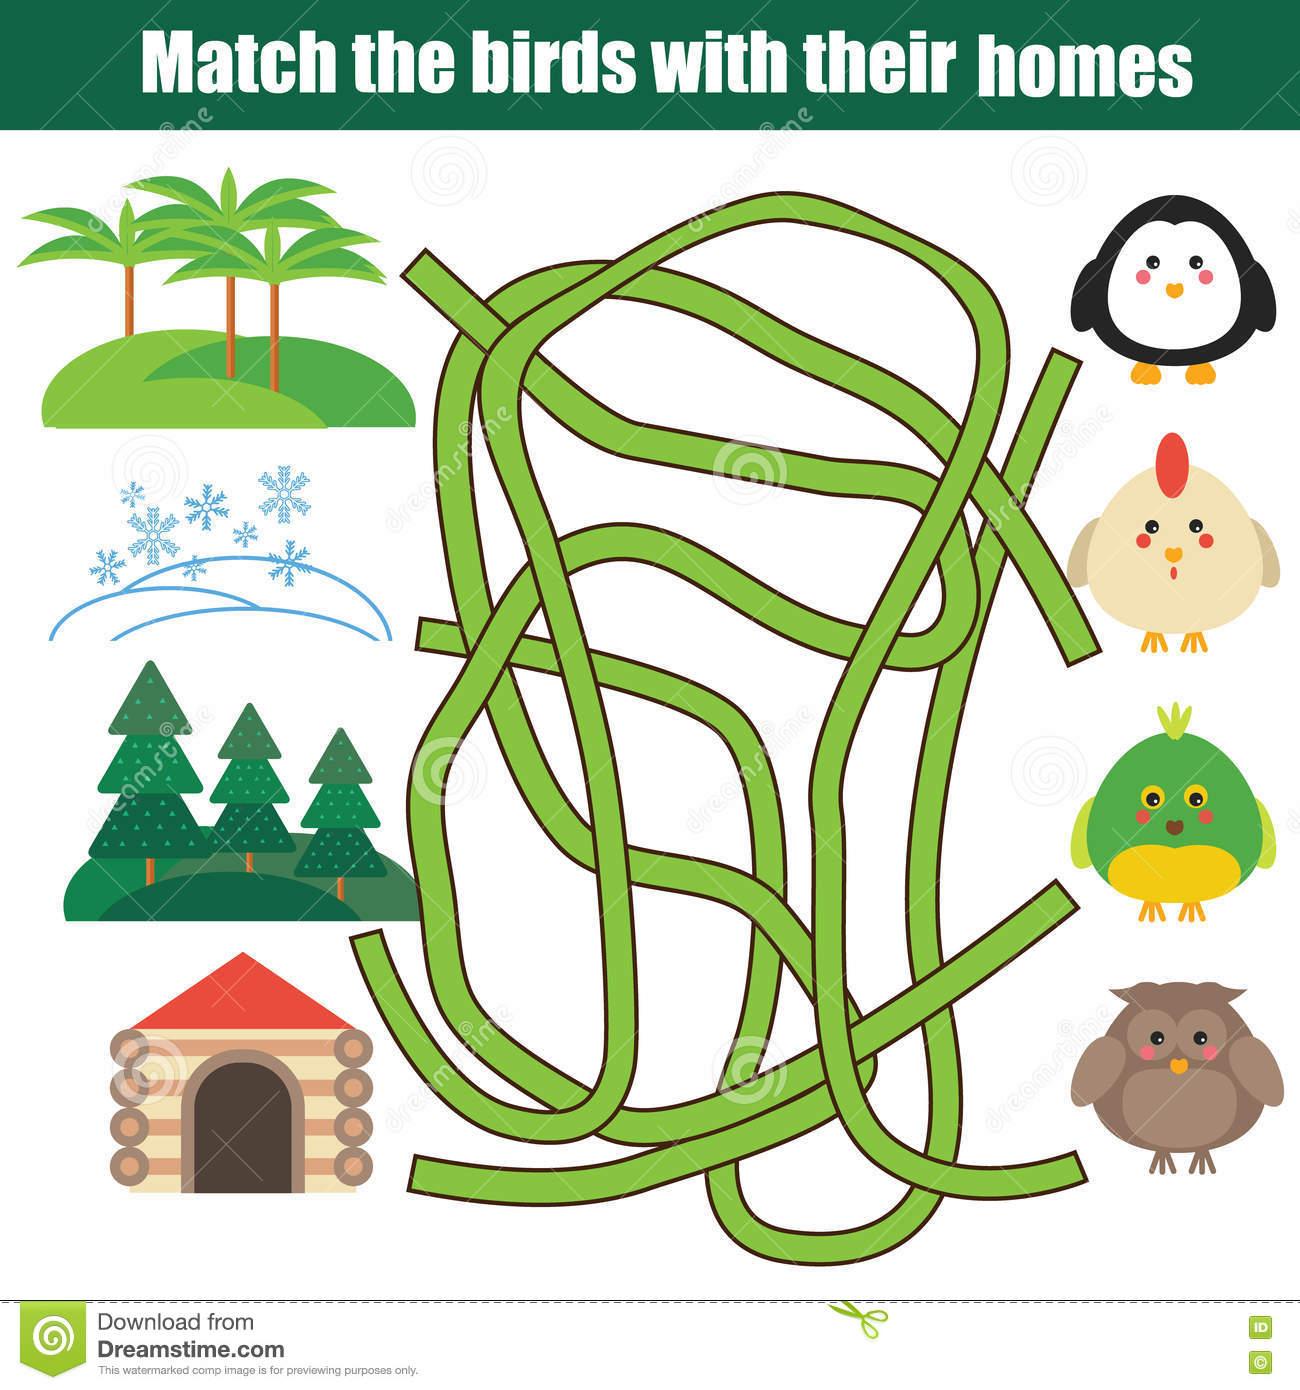 Jeu Éducatif Assorti D'enfants Illustration De Vecteur tout Apprendre Les Animaux Jeux Éducatifs